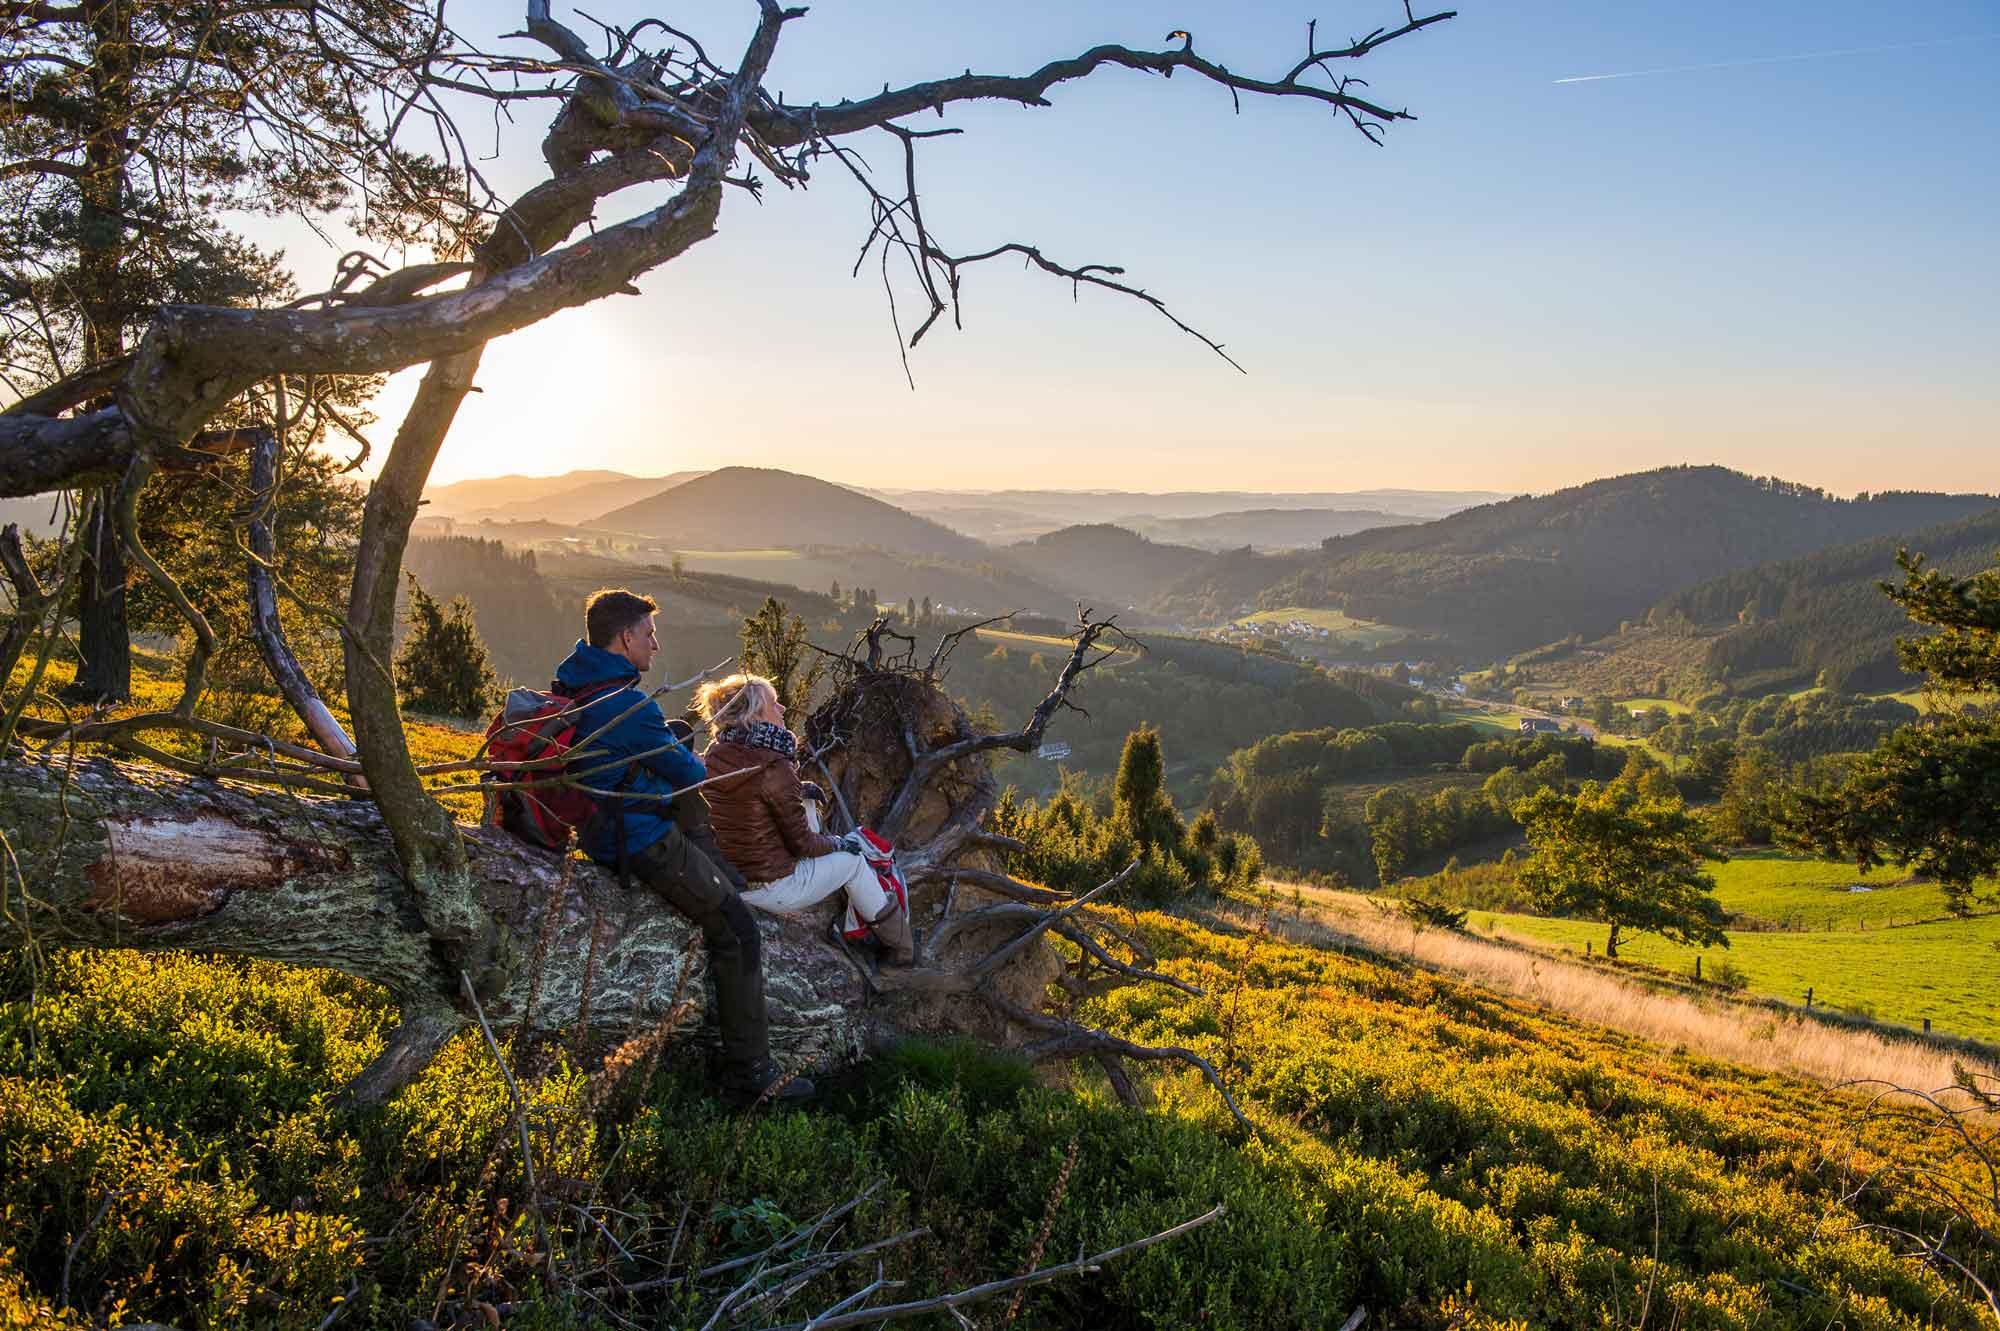 Weite Ausblicke wie diese erwarten Gäste im Schmallenberger Sauerland – ein perfekt markiertes Wanderwegenetz inklusive © Schmallenberger Sauerland Tourismus